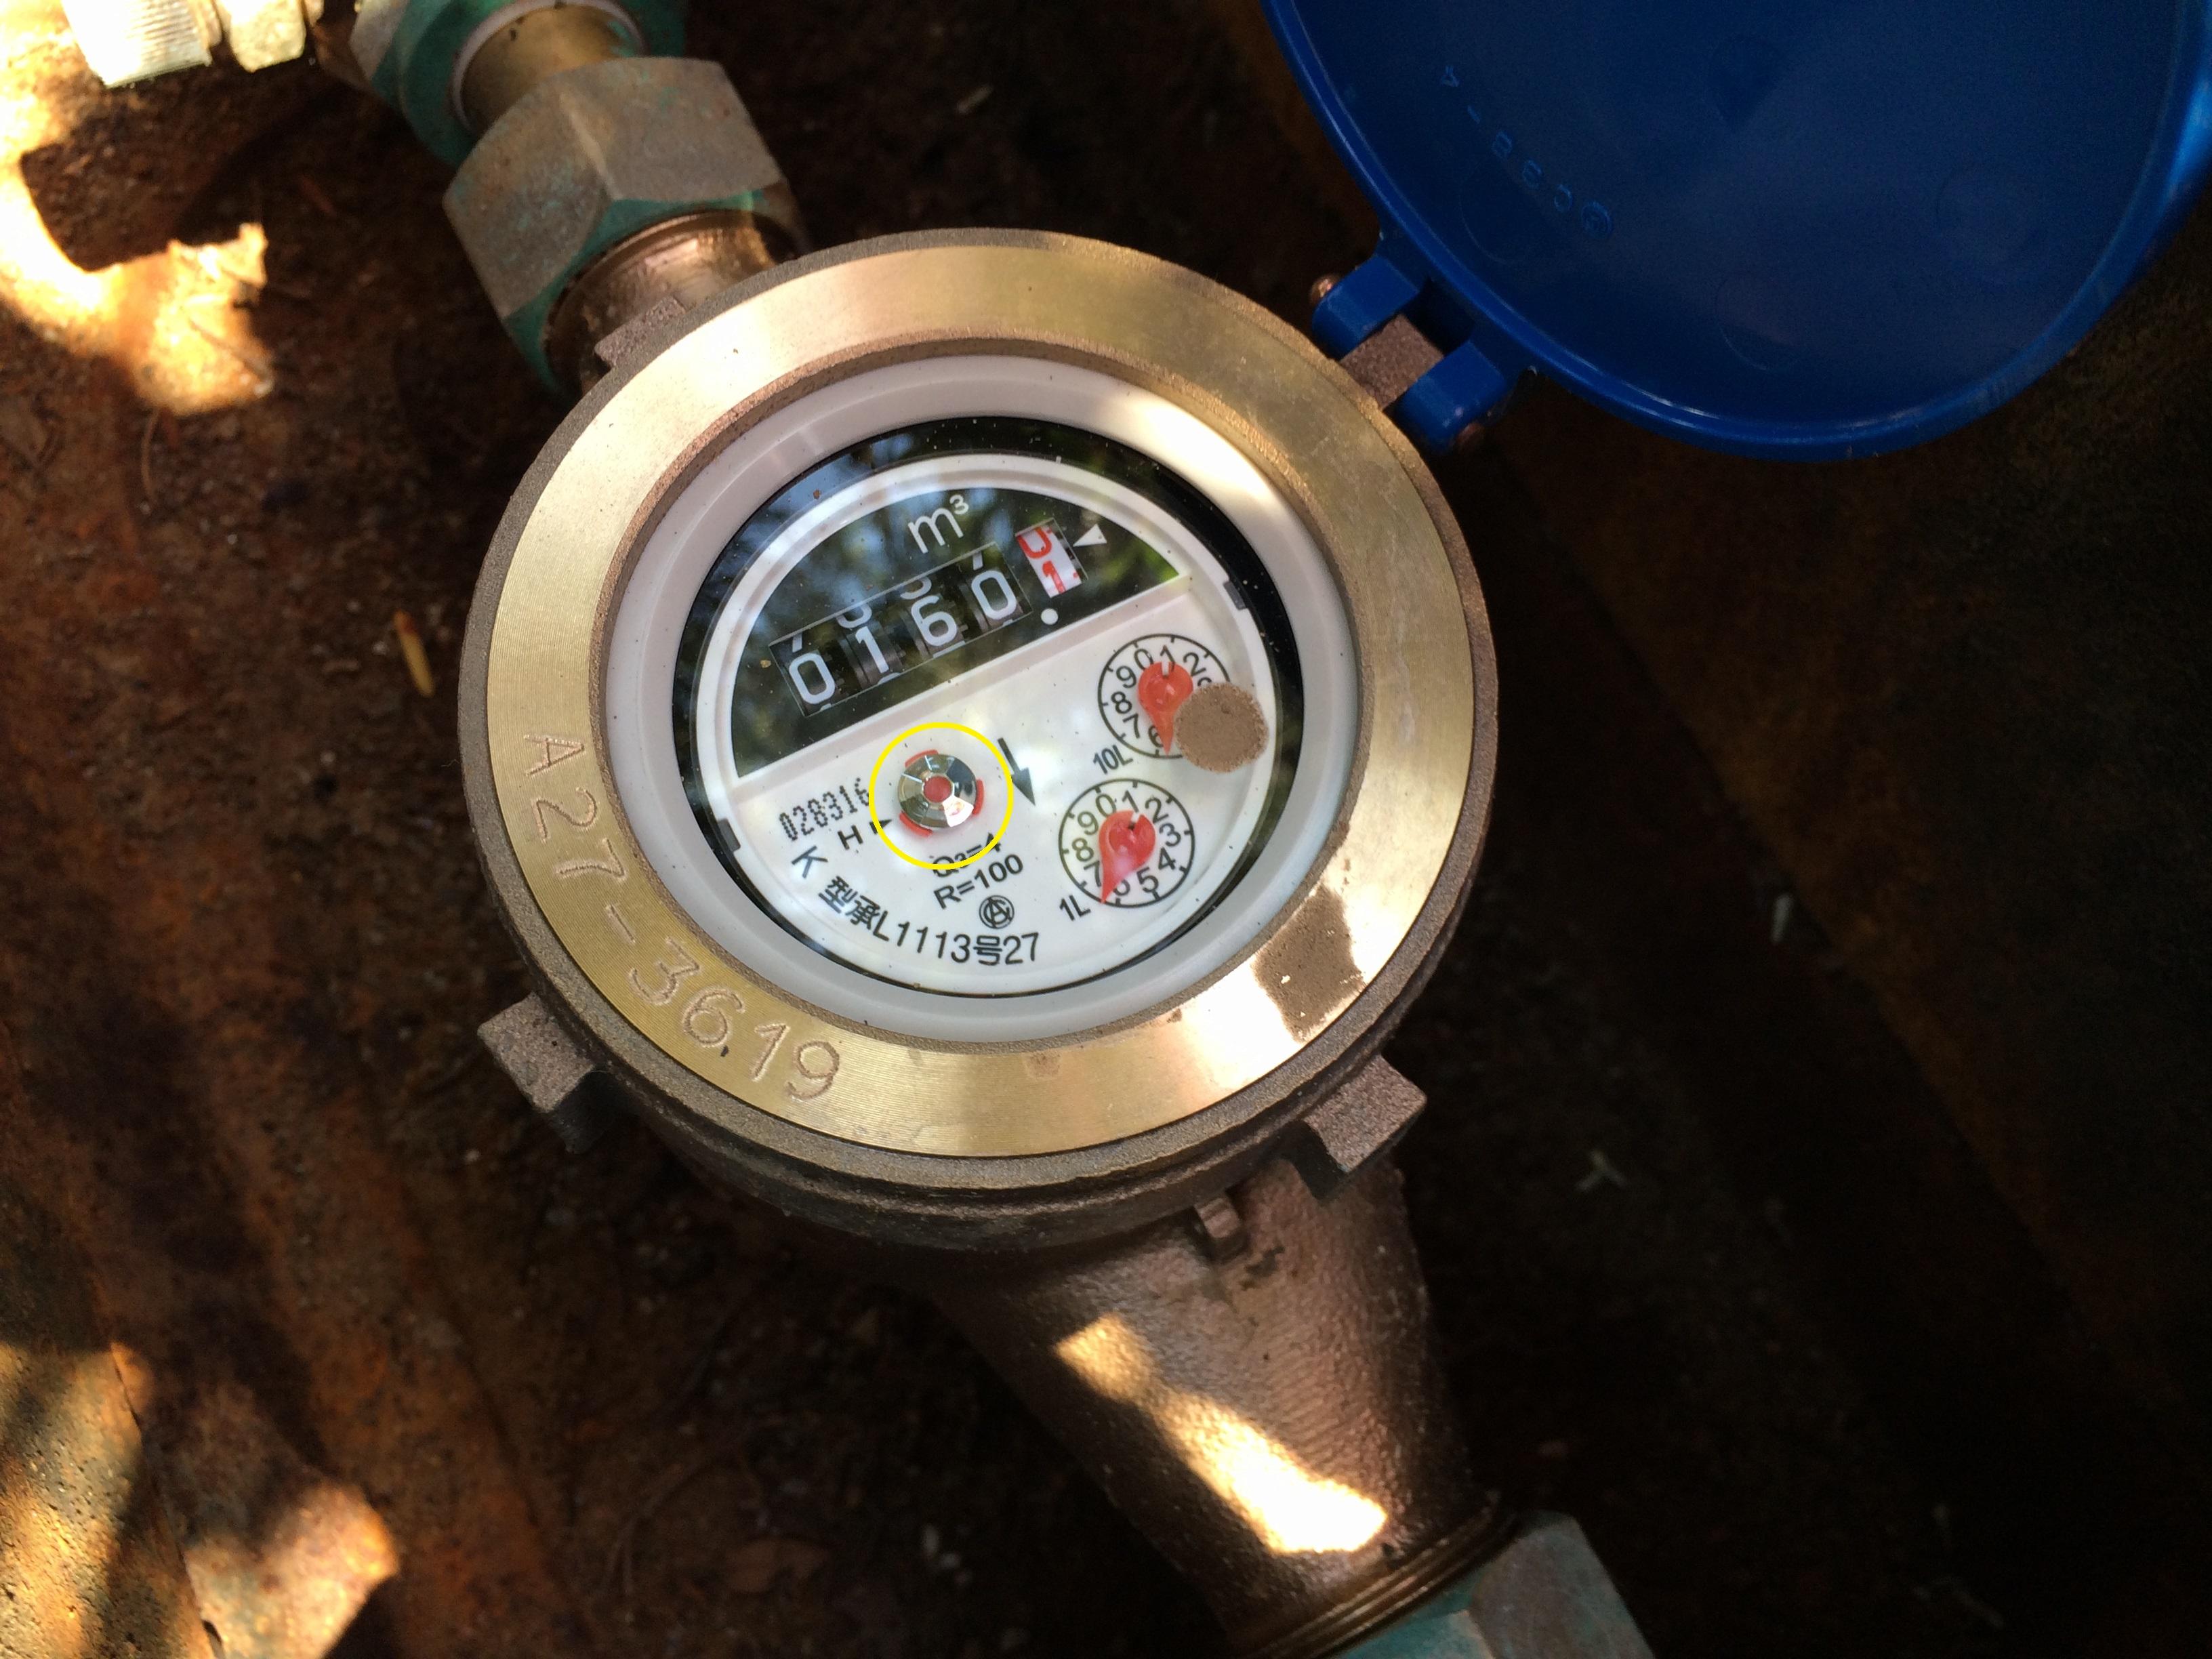 水漏れがあった時の対処法、水道料金の請求はどうすればいい?の画像